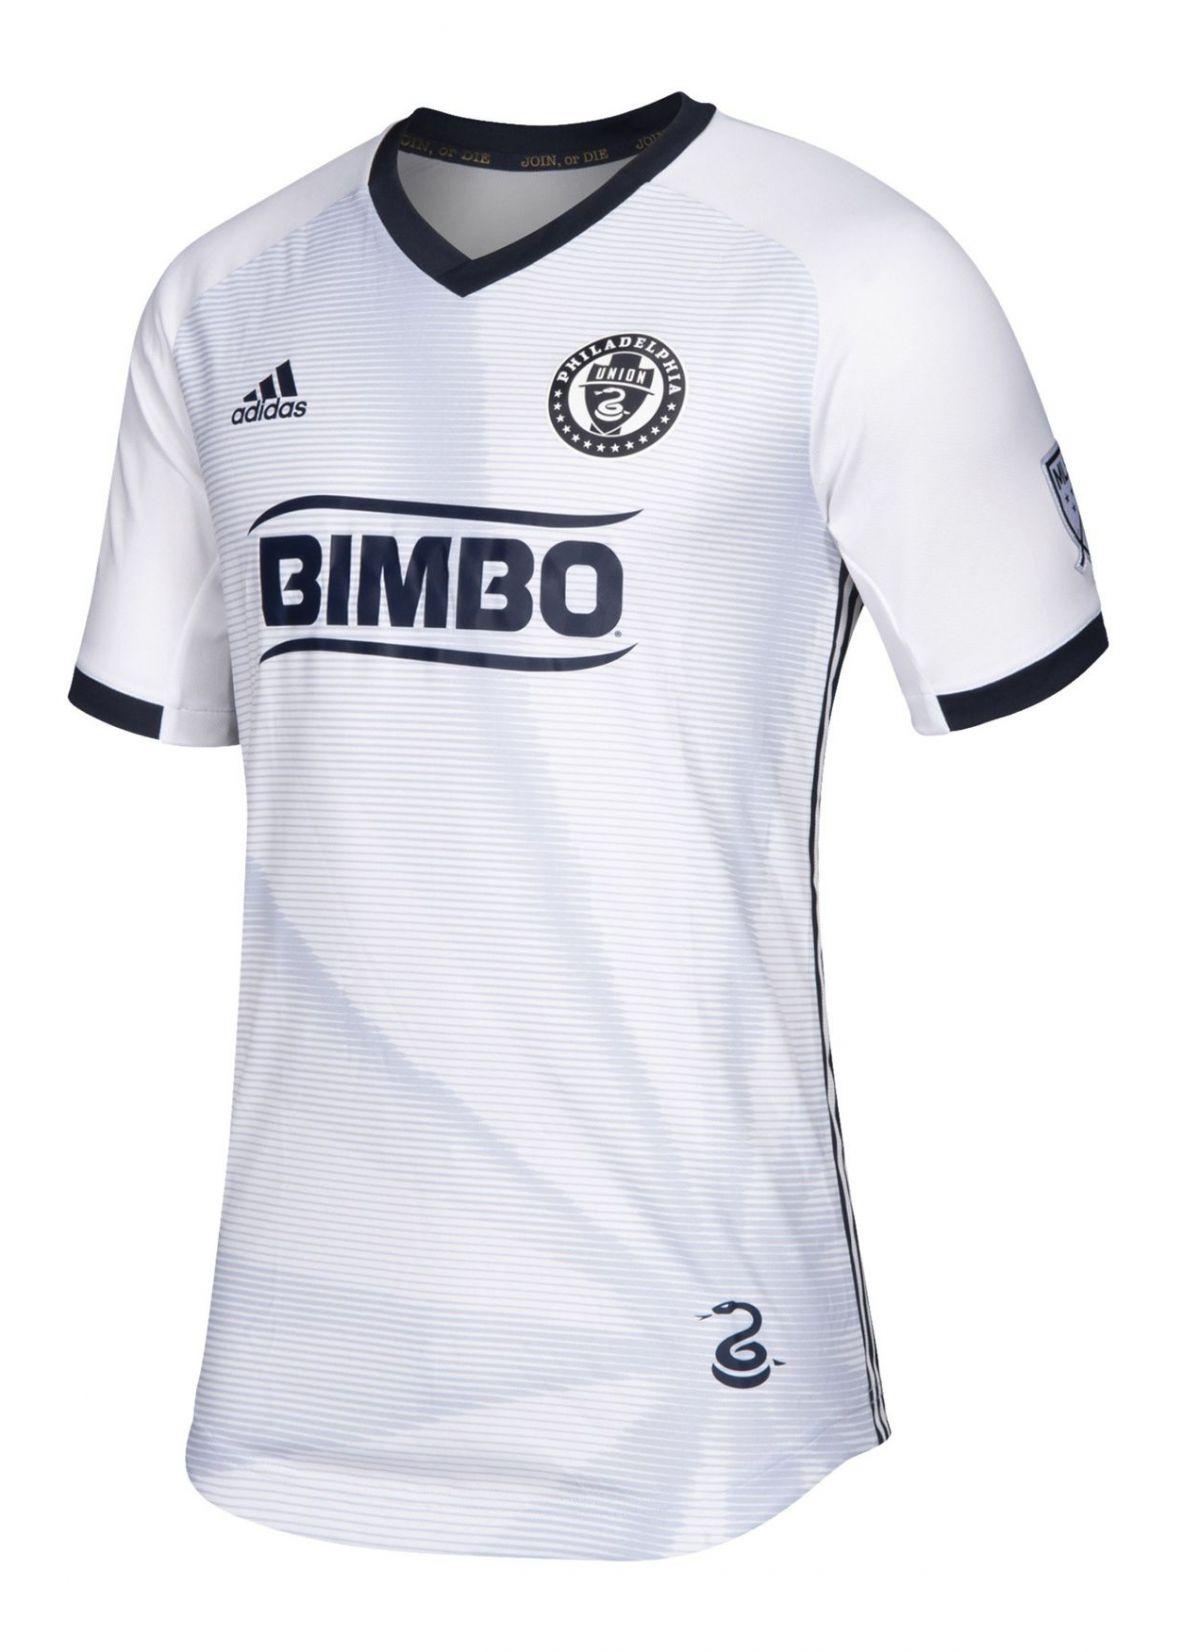 Philadelphia Union 2019 Away Kit